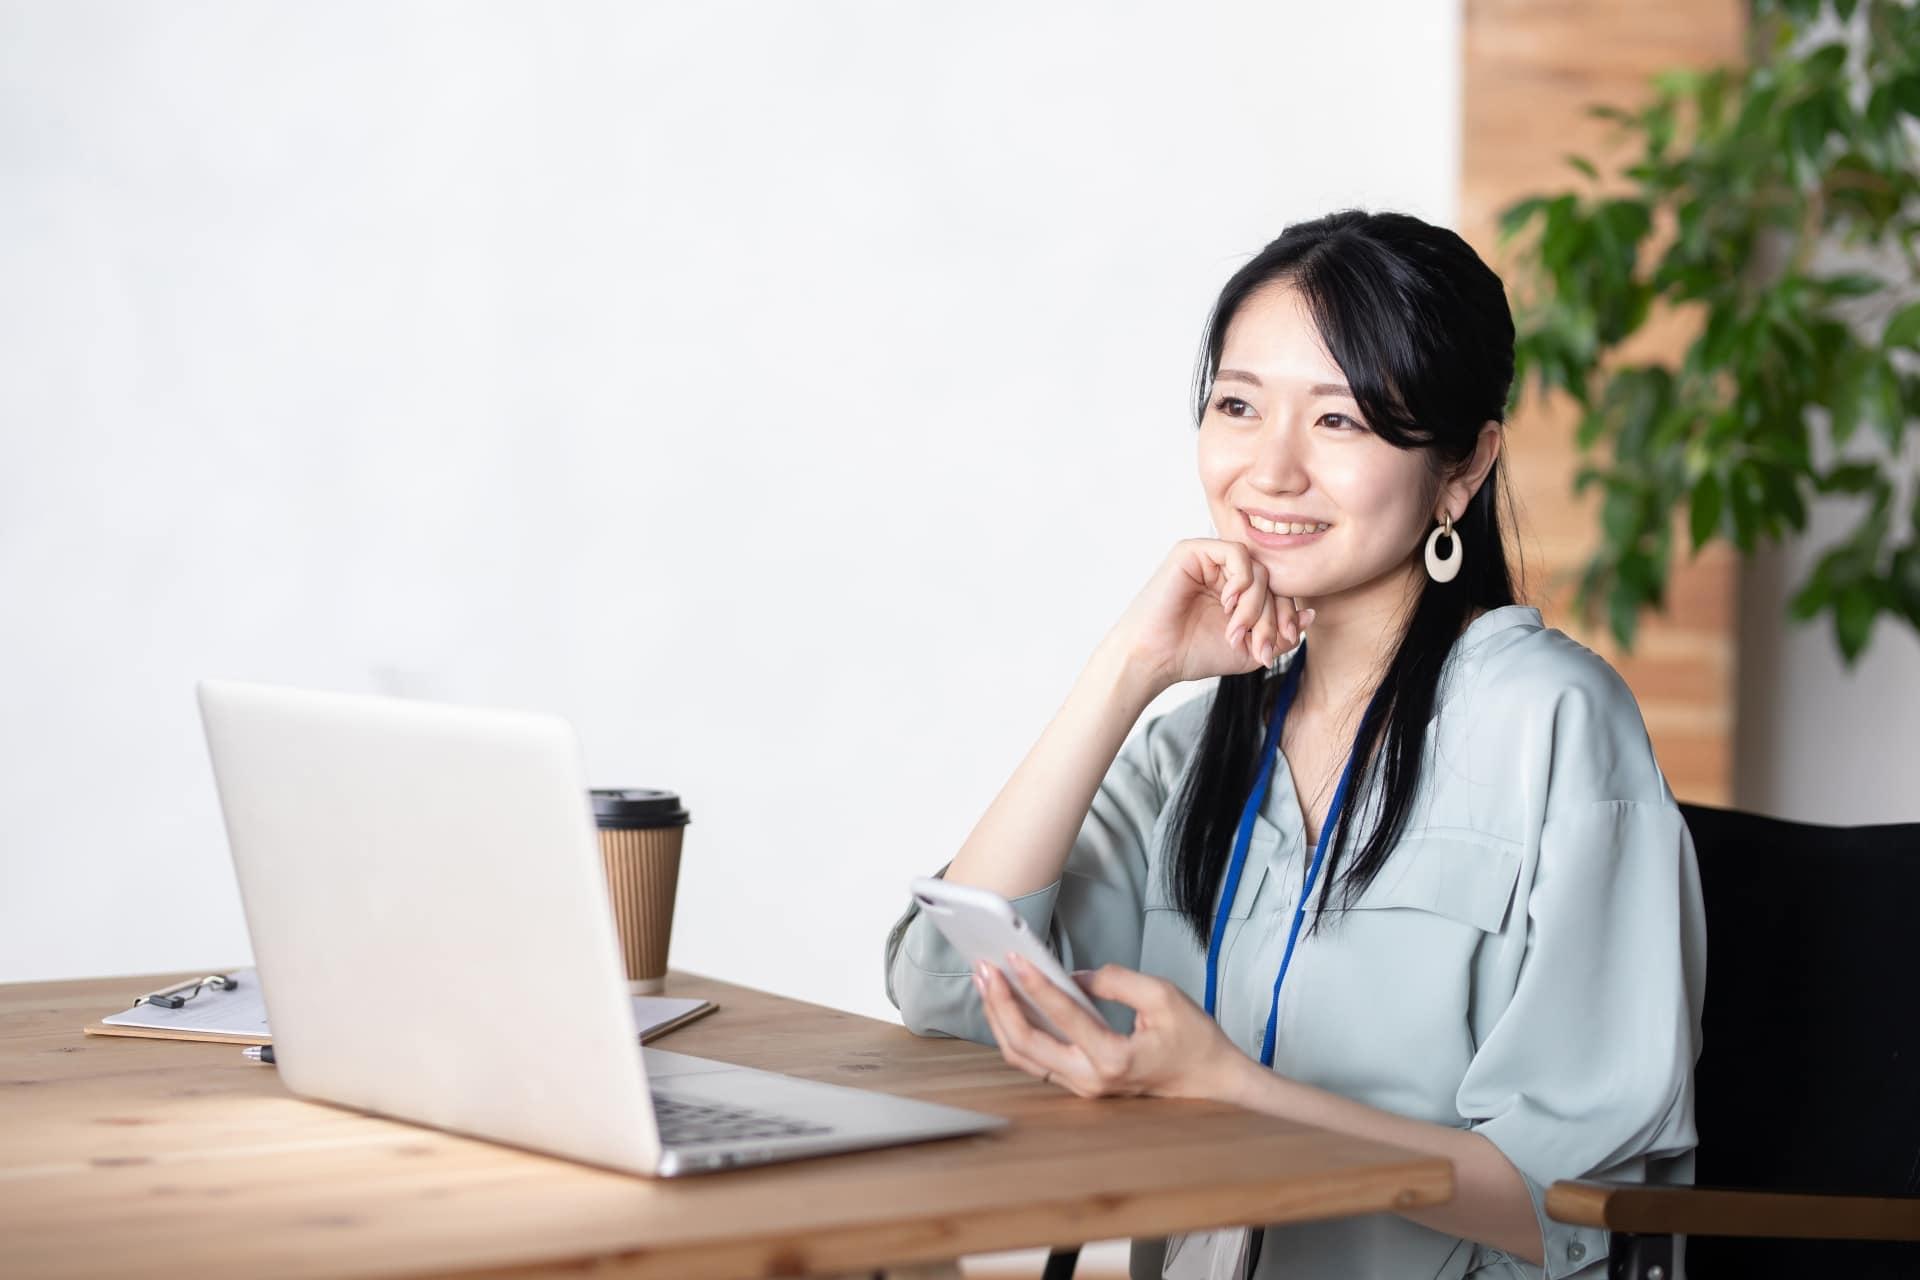 オフィスで仕事をする女性